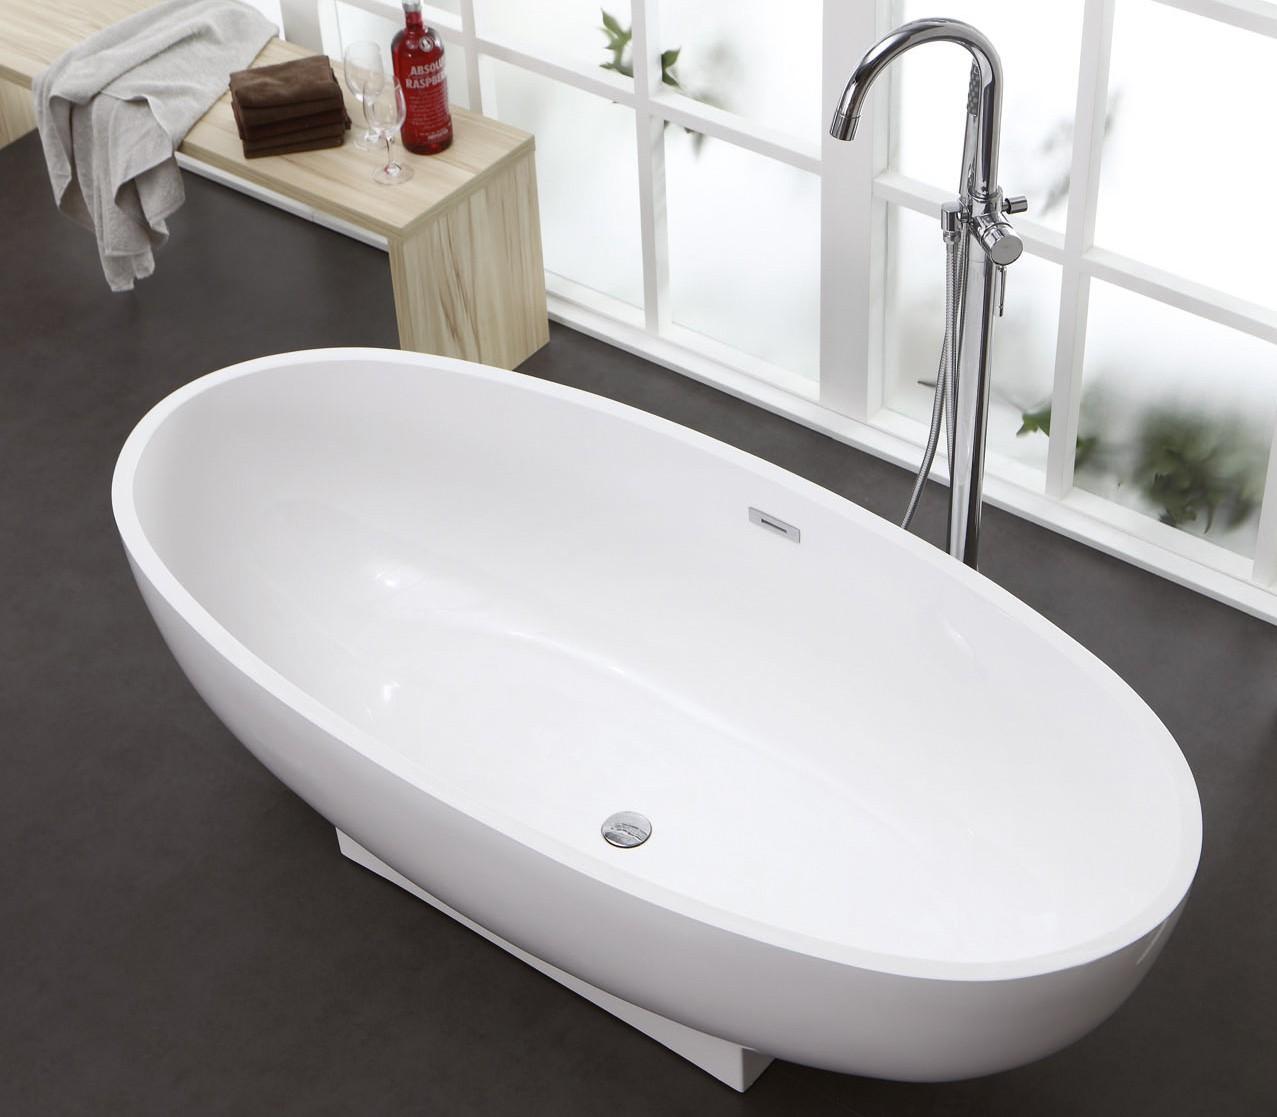 freistehende badewanne aus mineralguss kzoao 1170 badewelt wannen kunststein. Black Bedroom Furniture Sets. Home Design Ideas